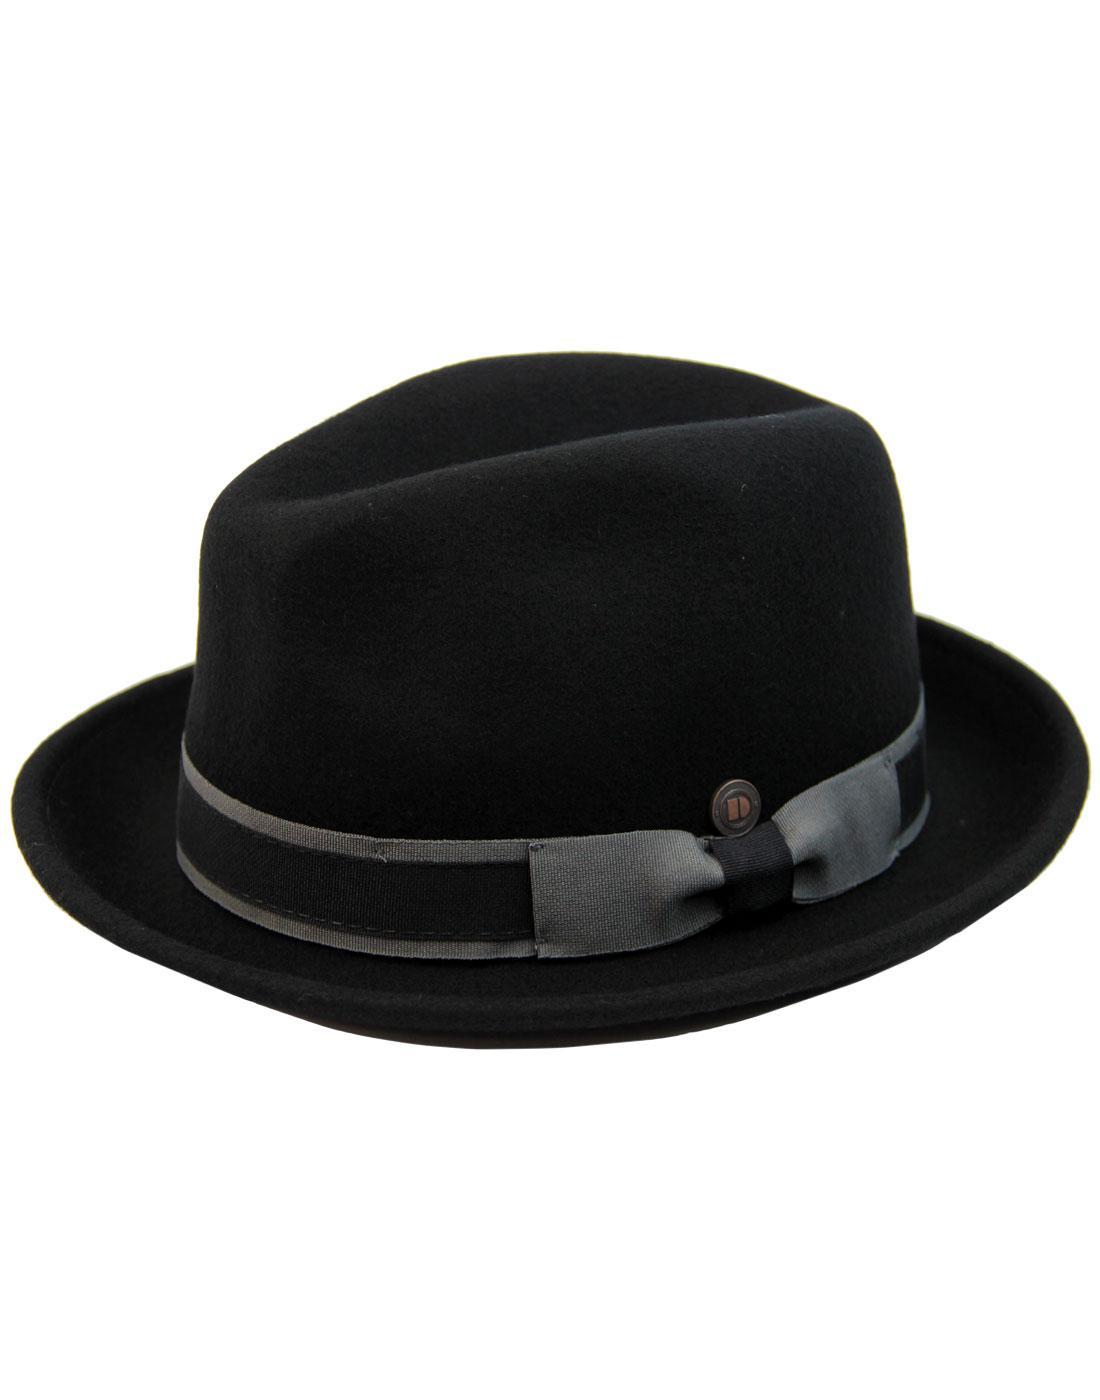 Robin DASMARCA 60s Mod Wool Felt Trilby Hat BLACK